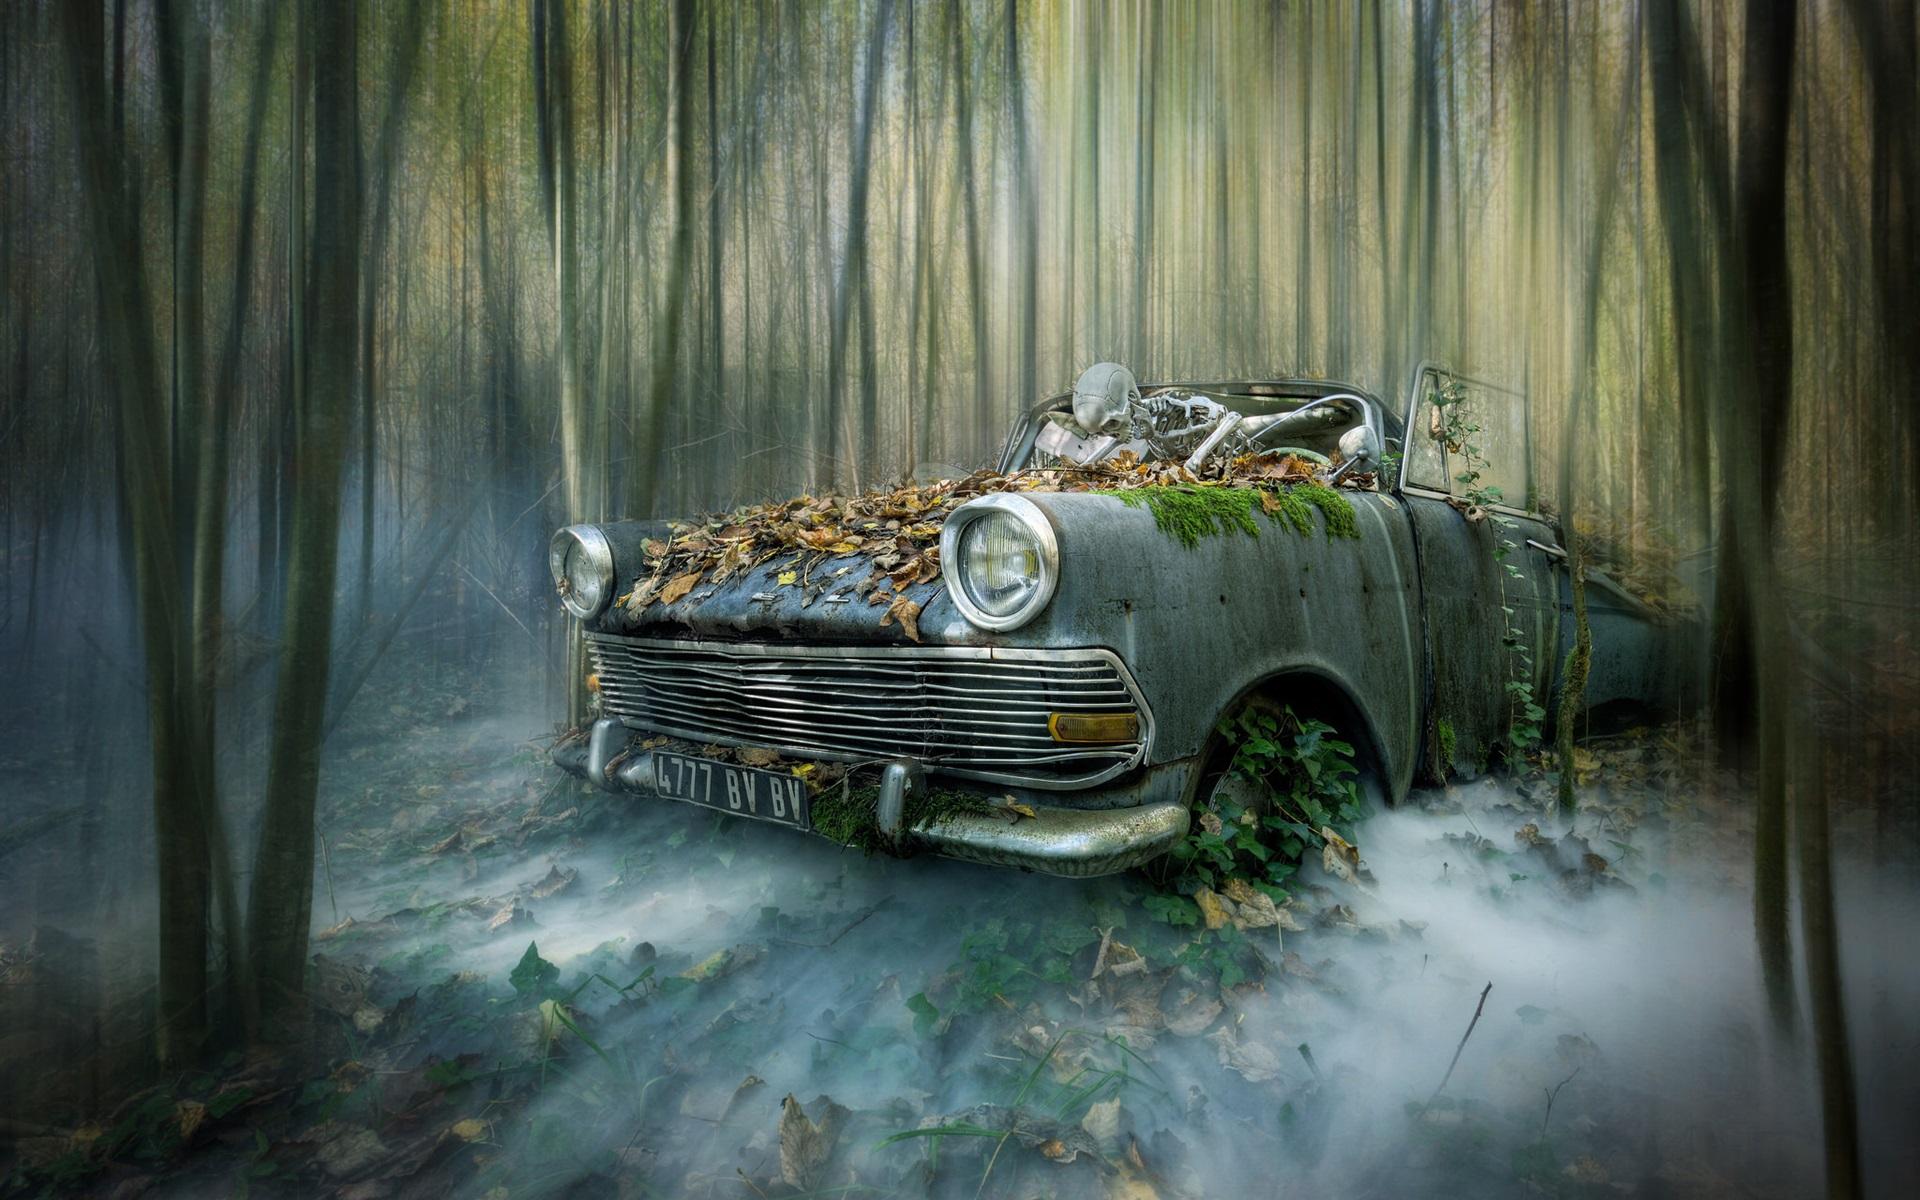 壁紙 壊れた車 スケルトン 森 創造的な写真 1920x1200 Hd 無料の